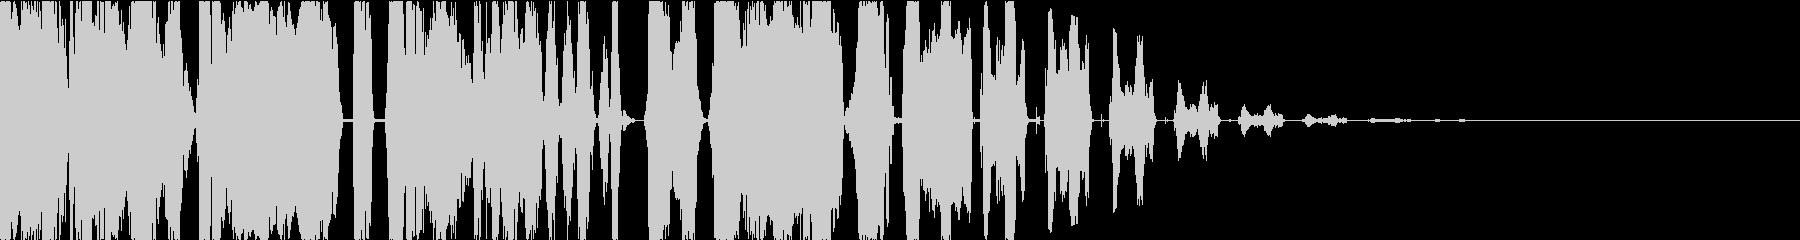 DJスクラッチ・ボーカルチョップジングルの未再生の波形